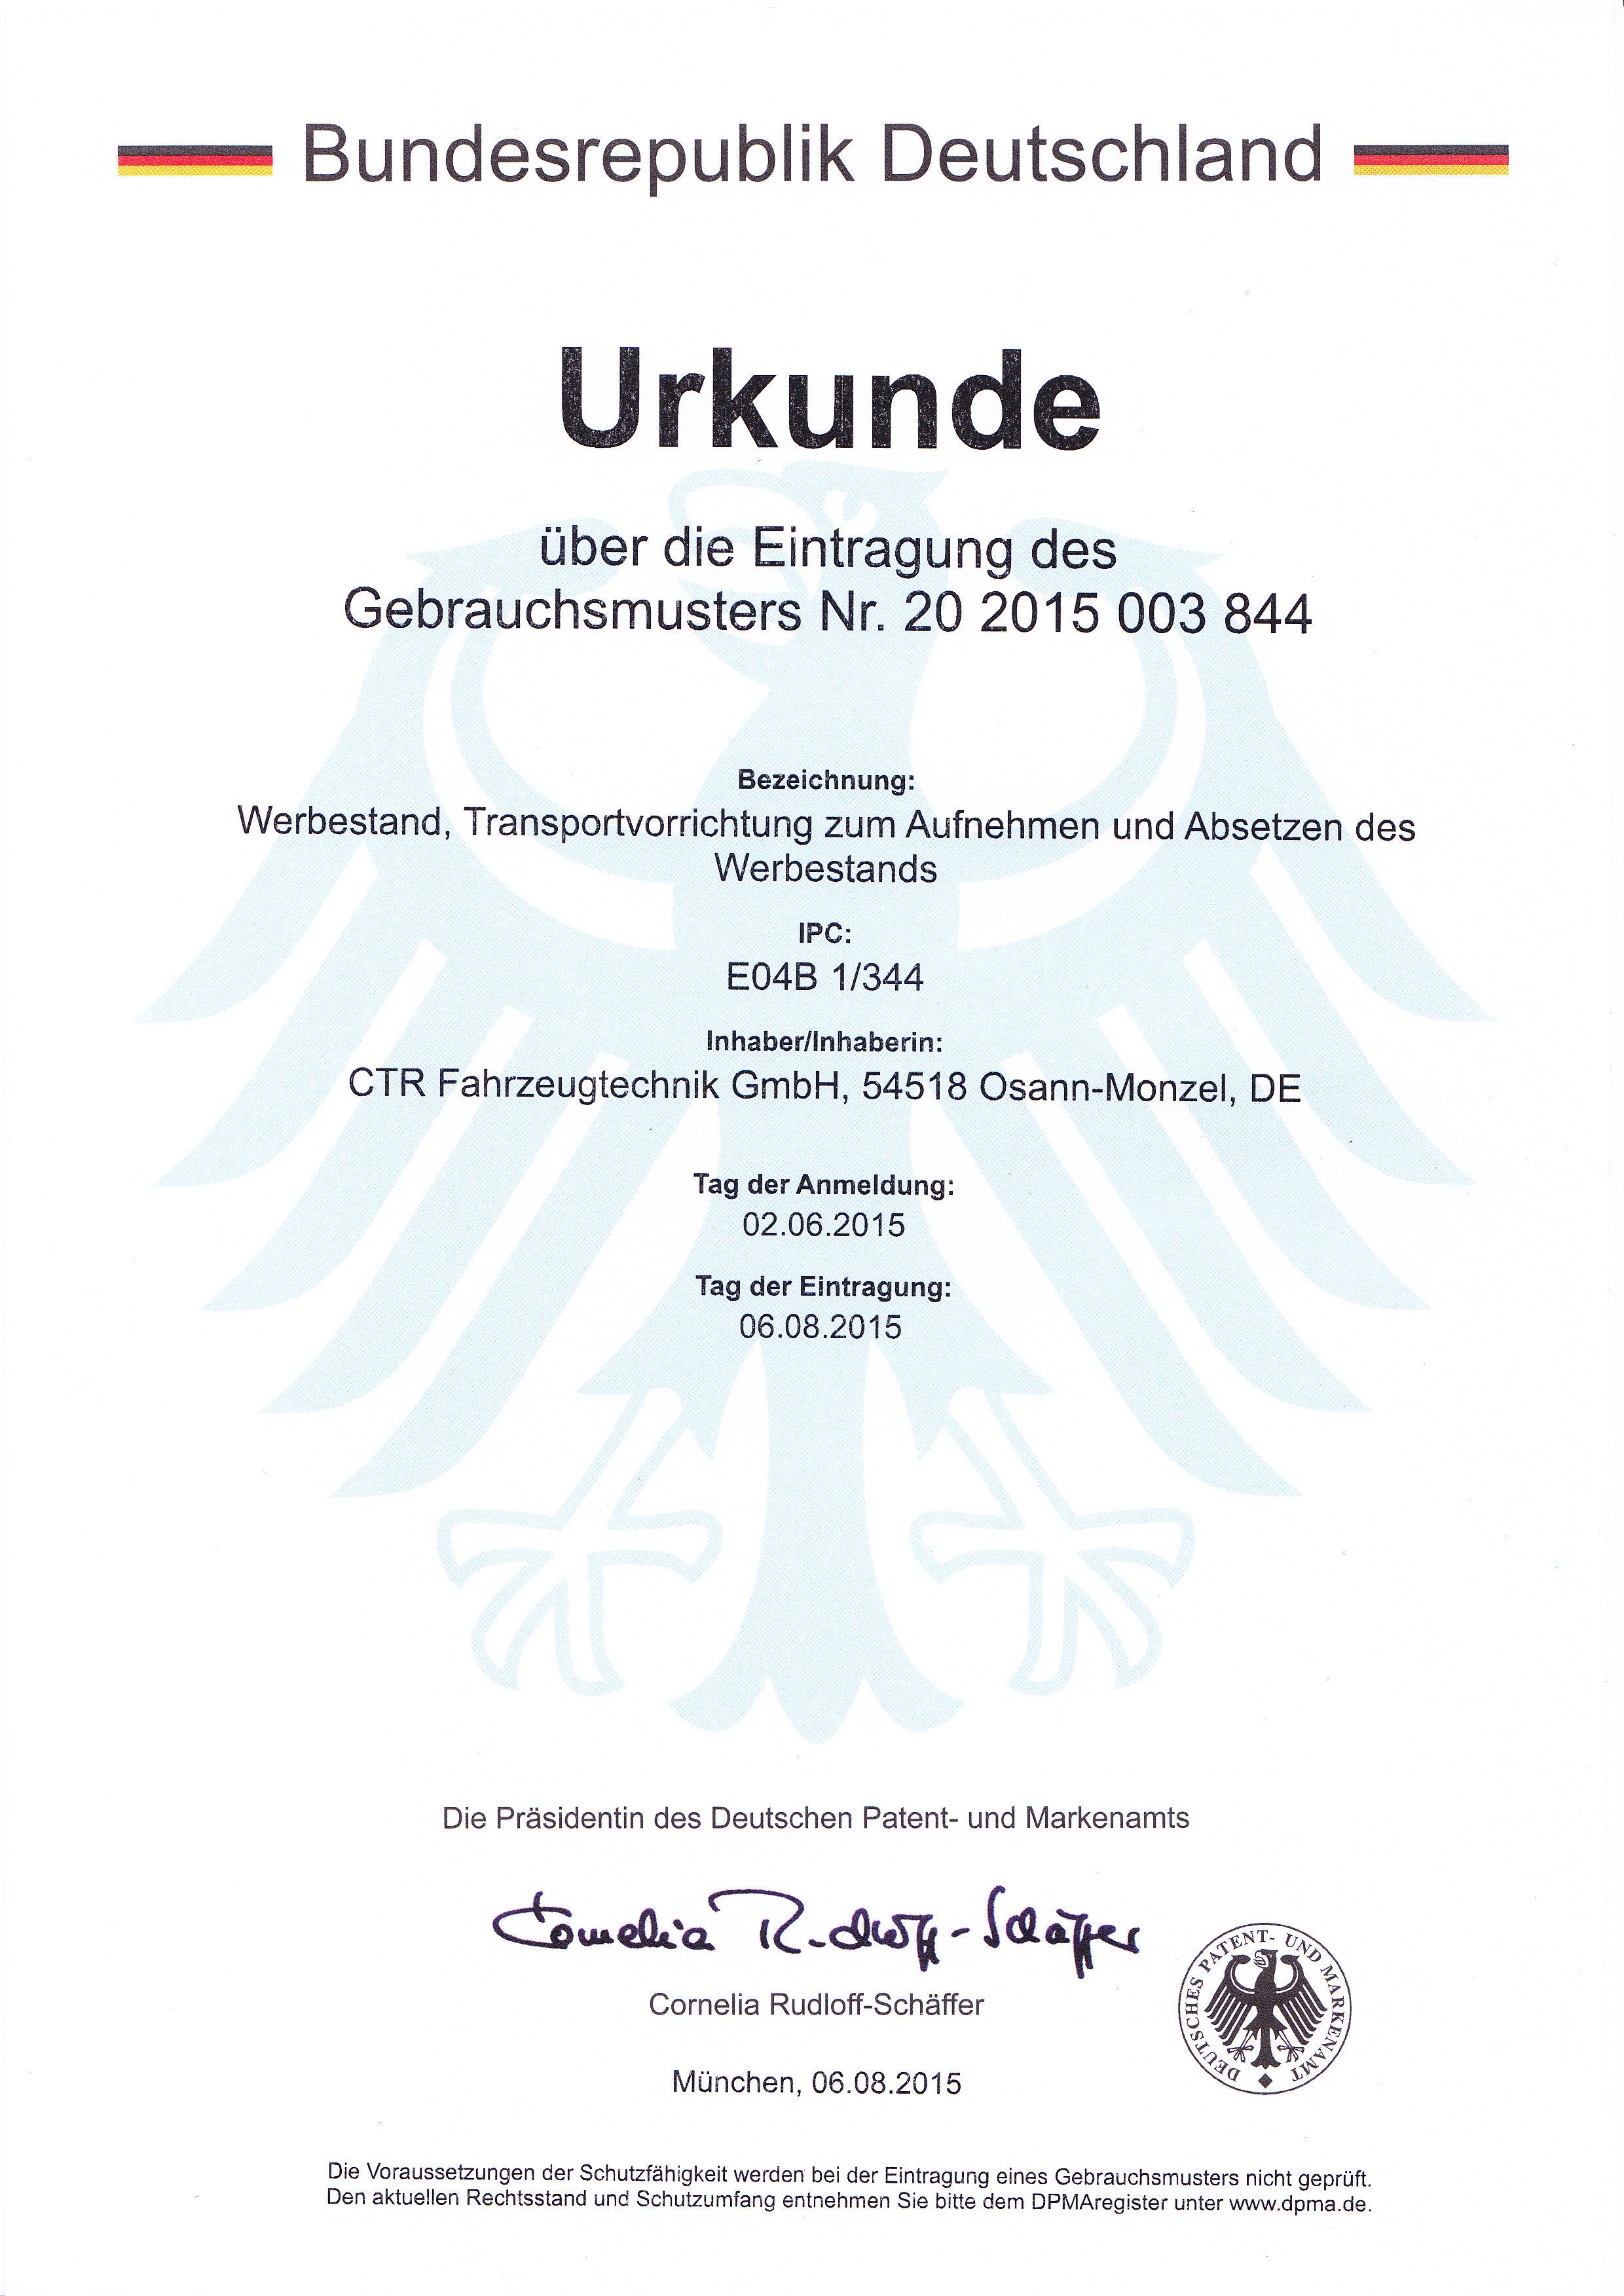 Urkunde-über-das-Gebrauchsmuster-20-2015-003-844